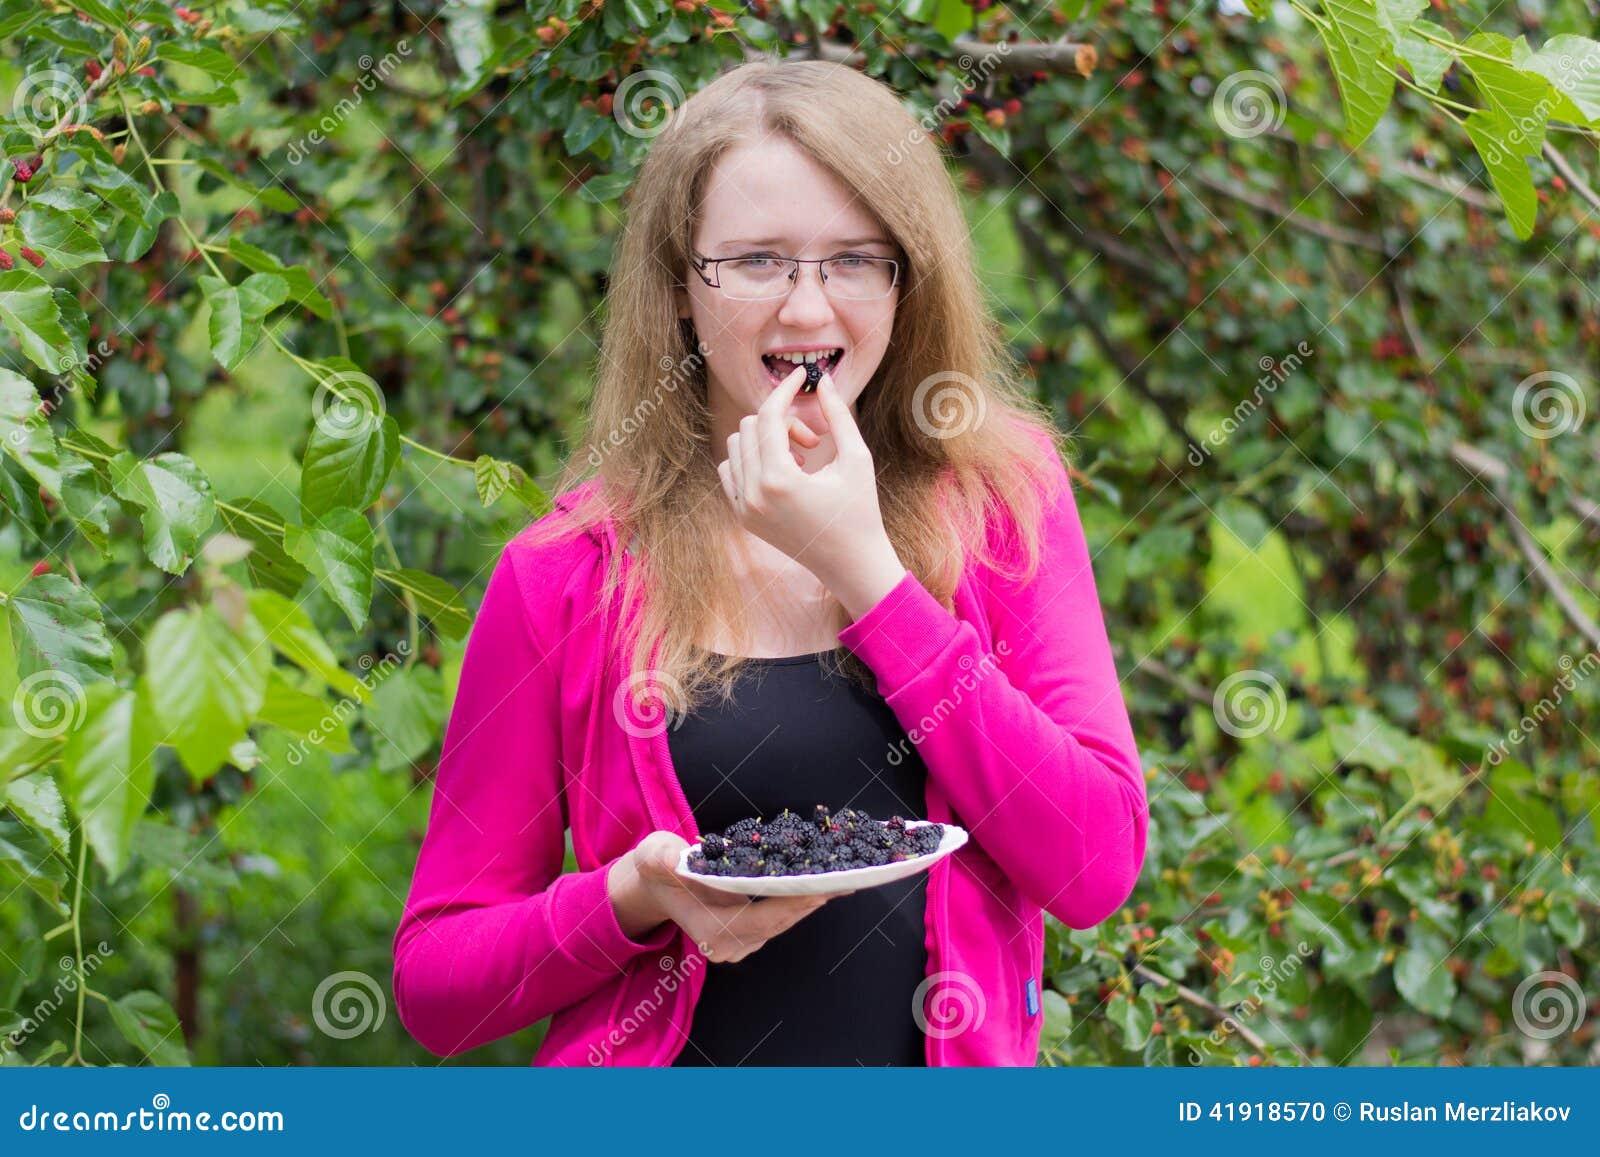 La muchacha come la mora